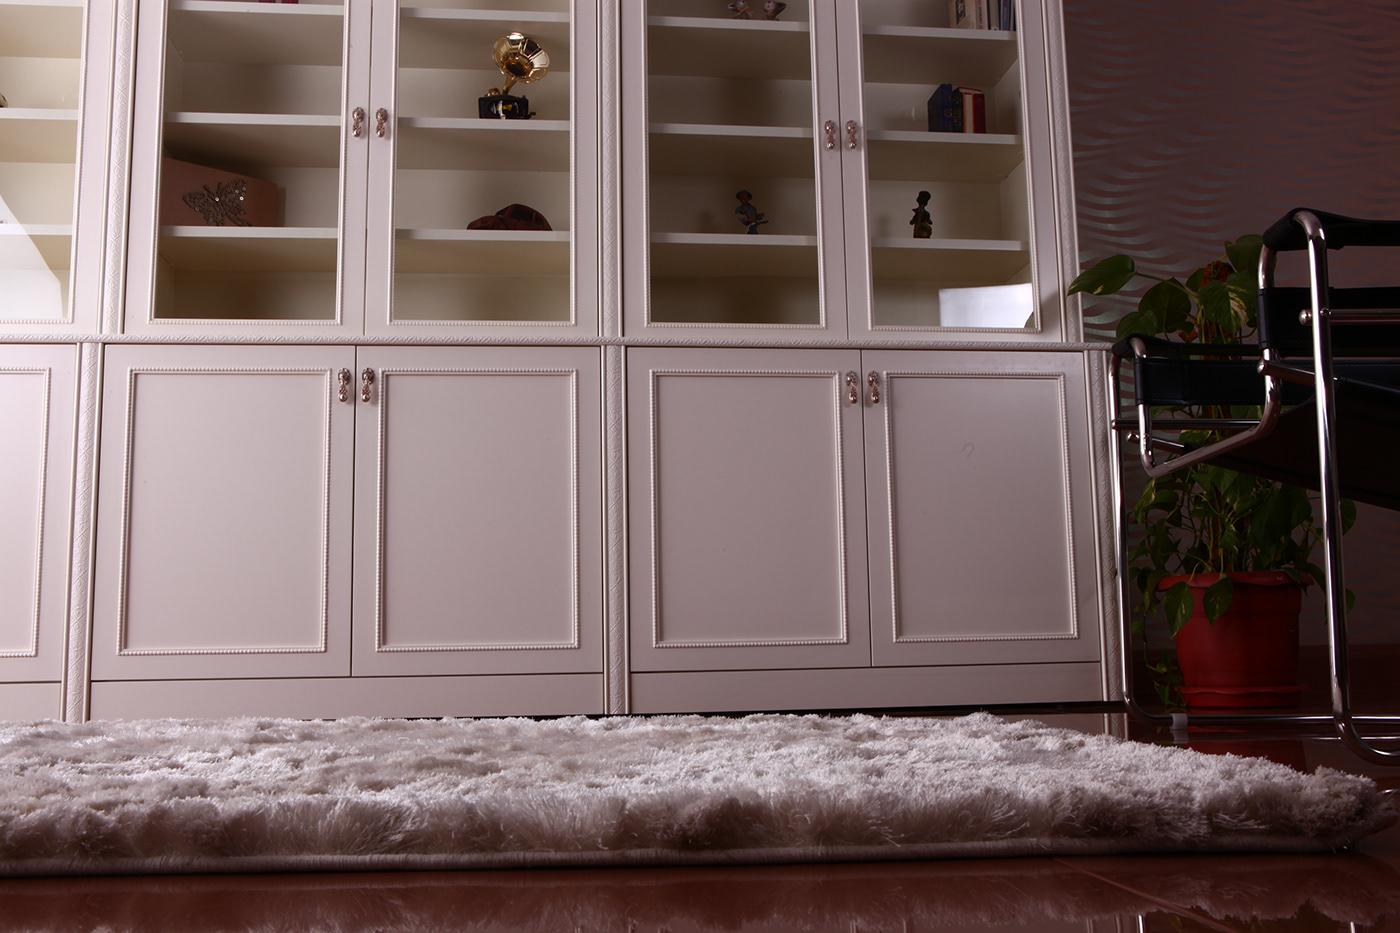 Image may contain: door, window and indoor